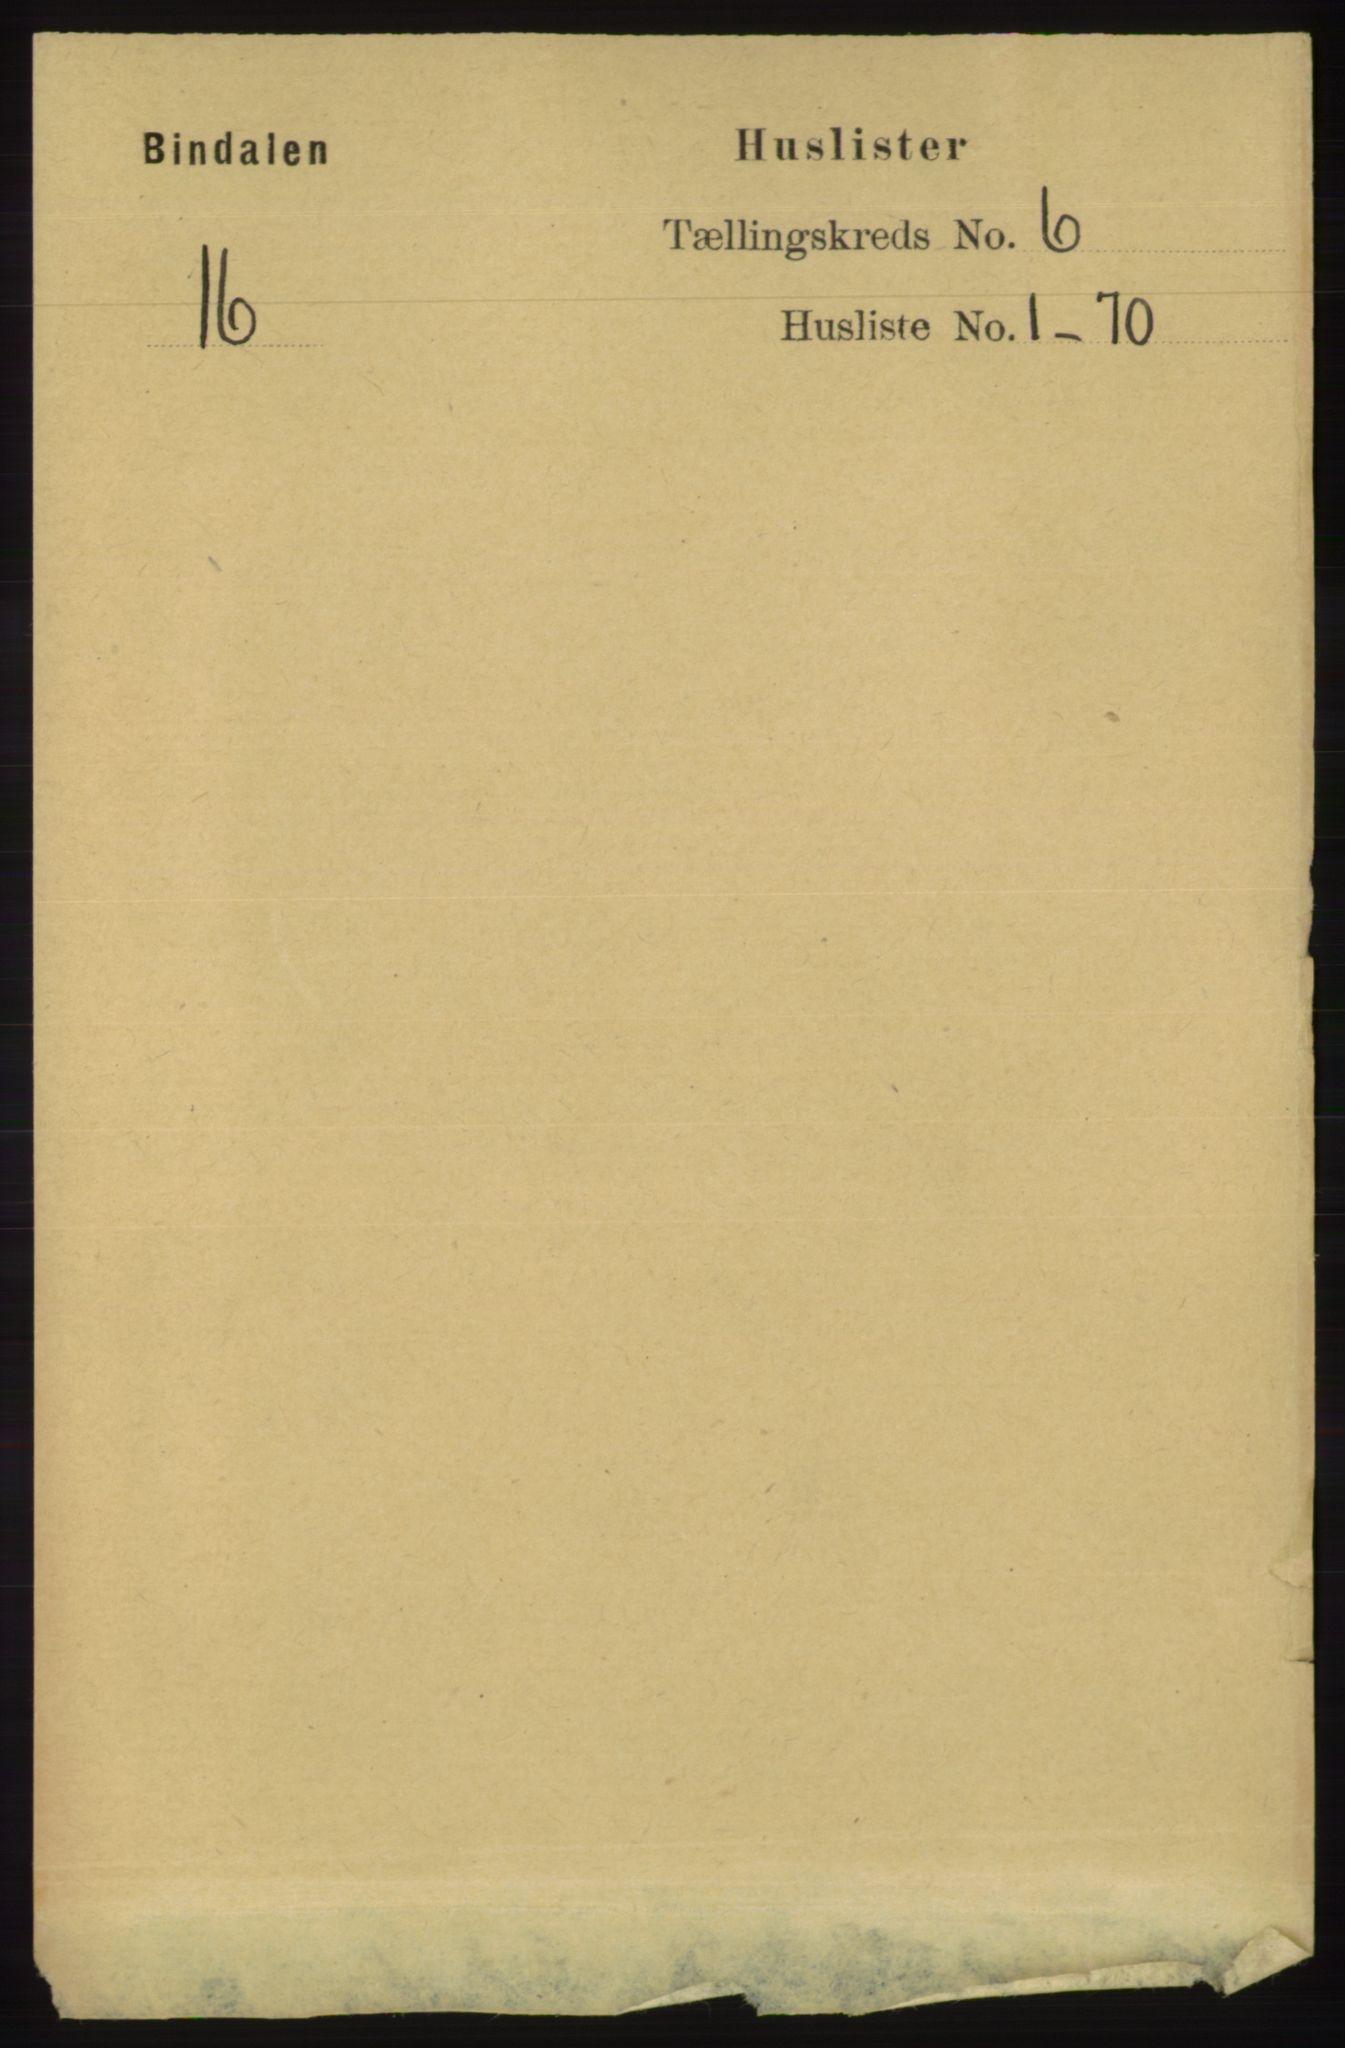 RA, Folketelling 1891 for 1811 Bindal herred, 1891, s. 1640